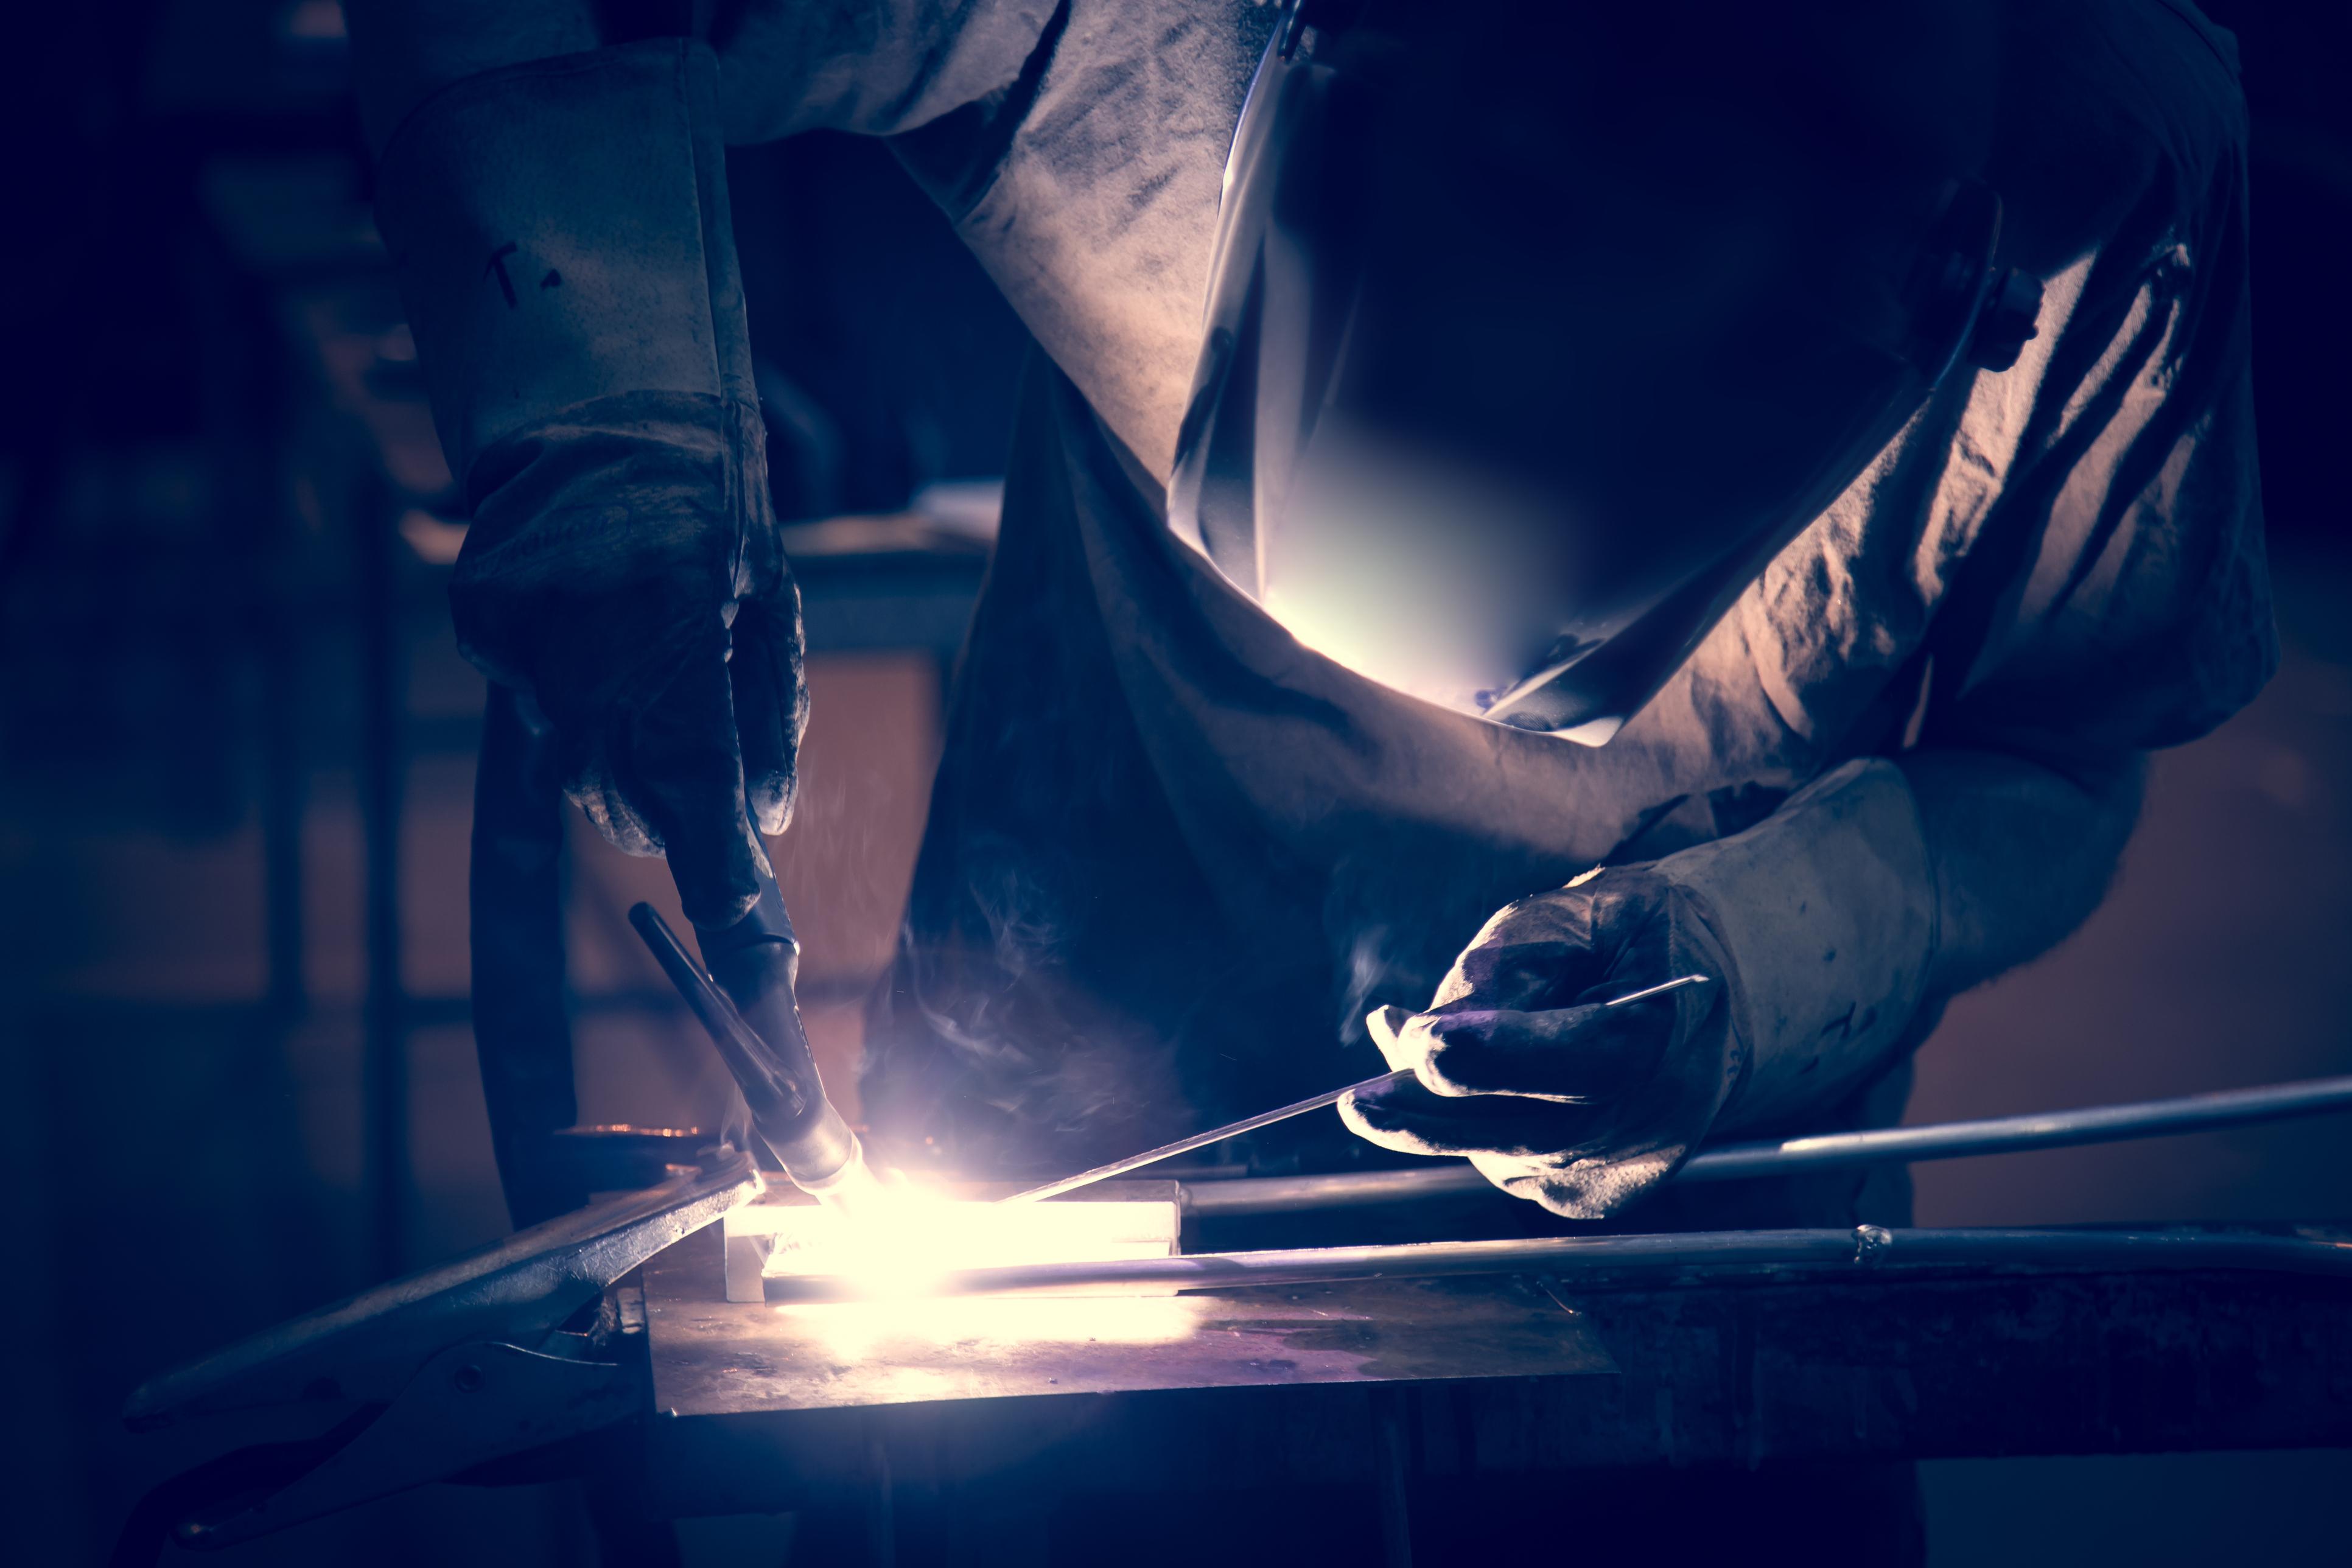 Employee welding aluminum using TIG welder in workshop.